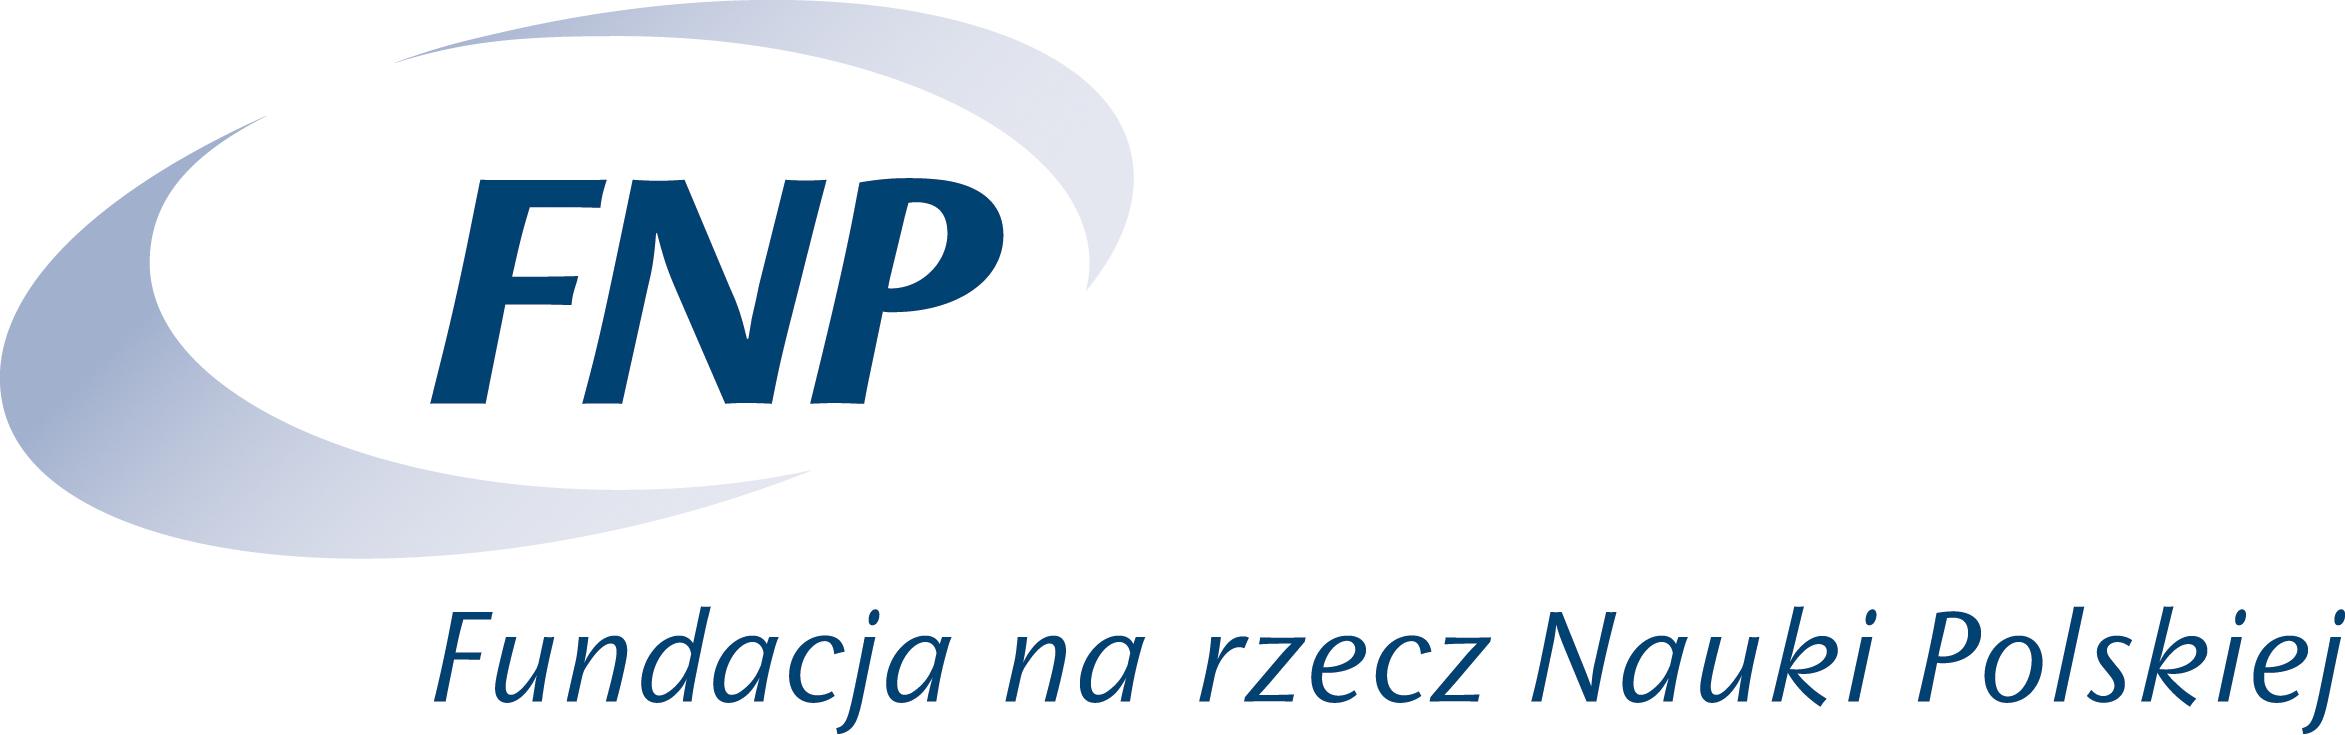 Fundacja Nauki Polskiej